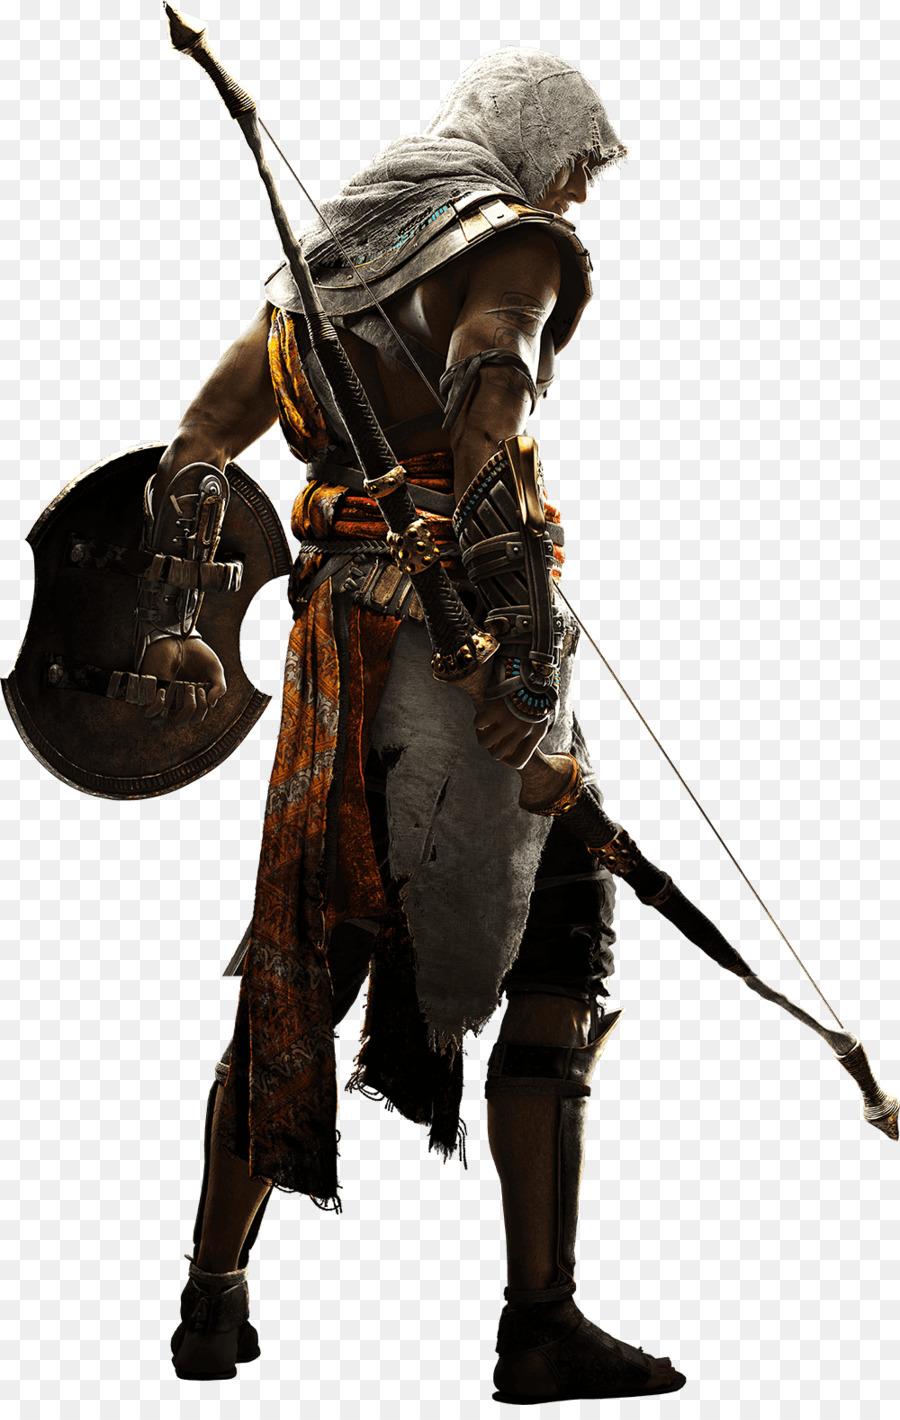 Descarga gratuita de Assassins Creed Orígenes, Assassins Creed, Assassins Creed La Hermandad Imágen de Png